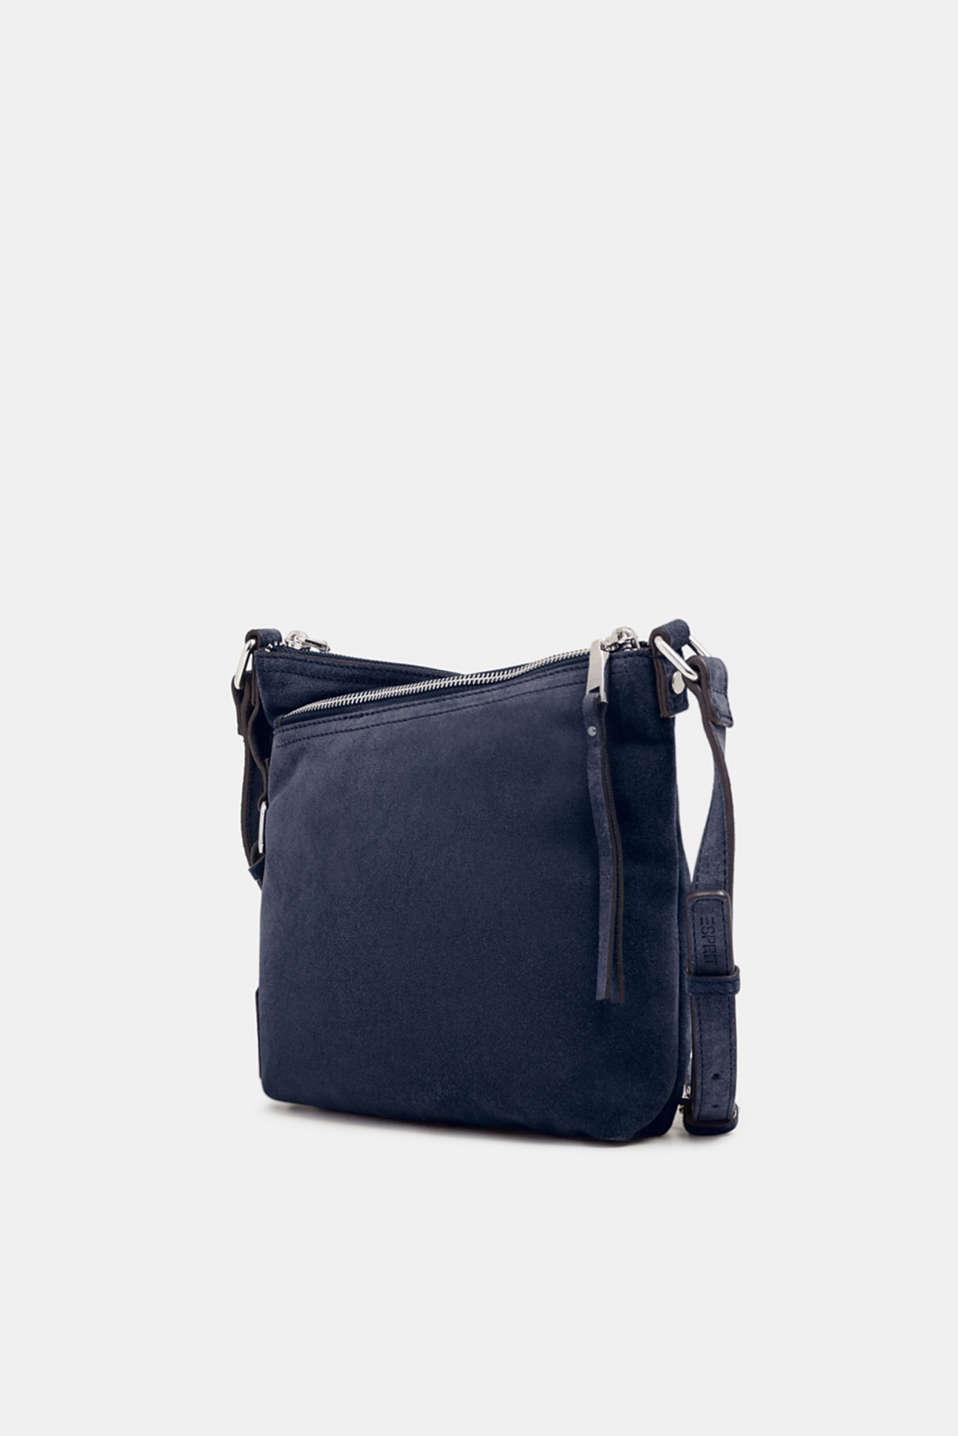 Suede shoulder bag, NAVY, detail image number 2